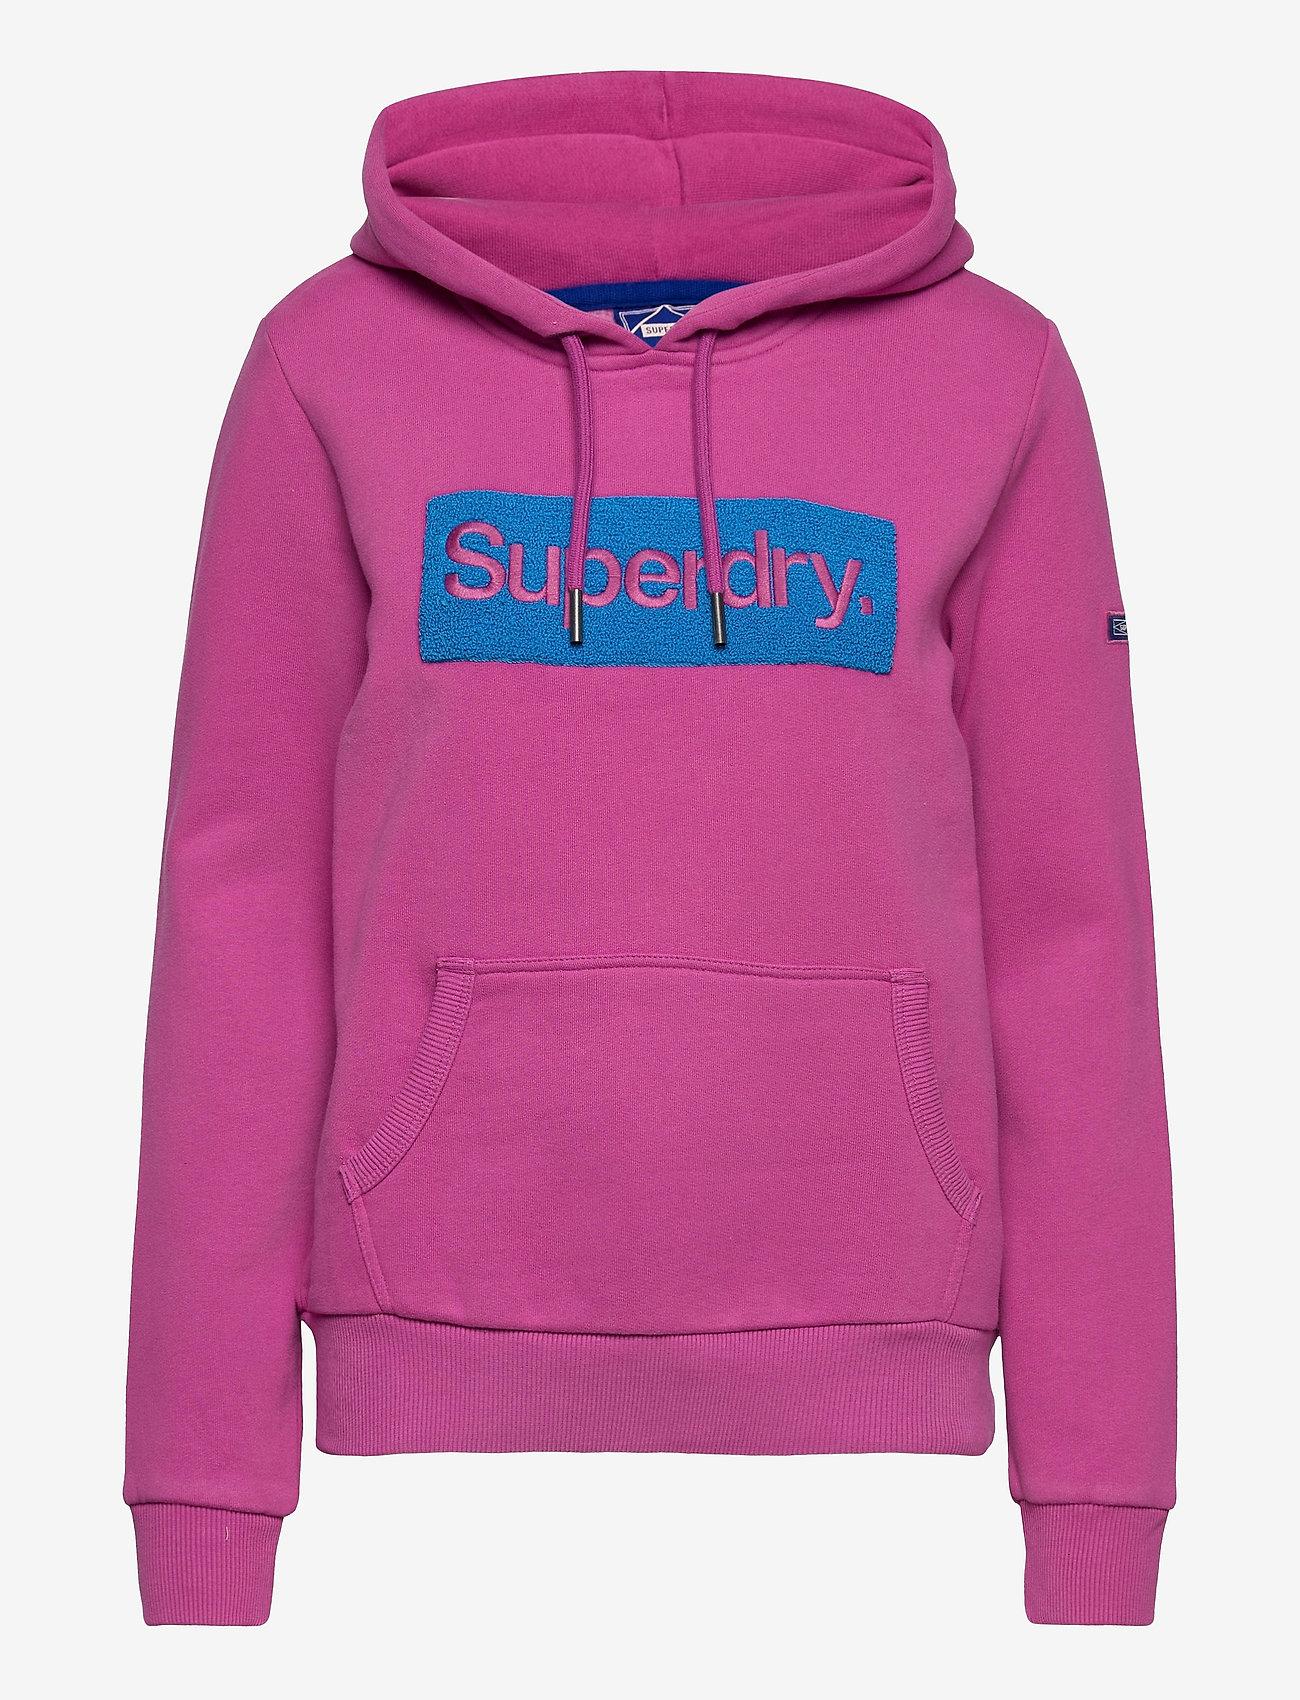 Superdry - CL WORKWEAR HOOD - hoodies - dusty wine - 0